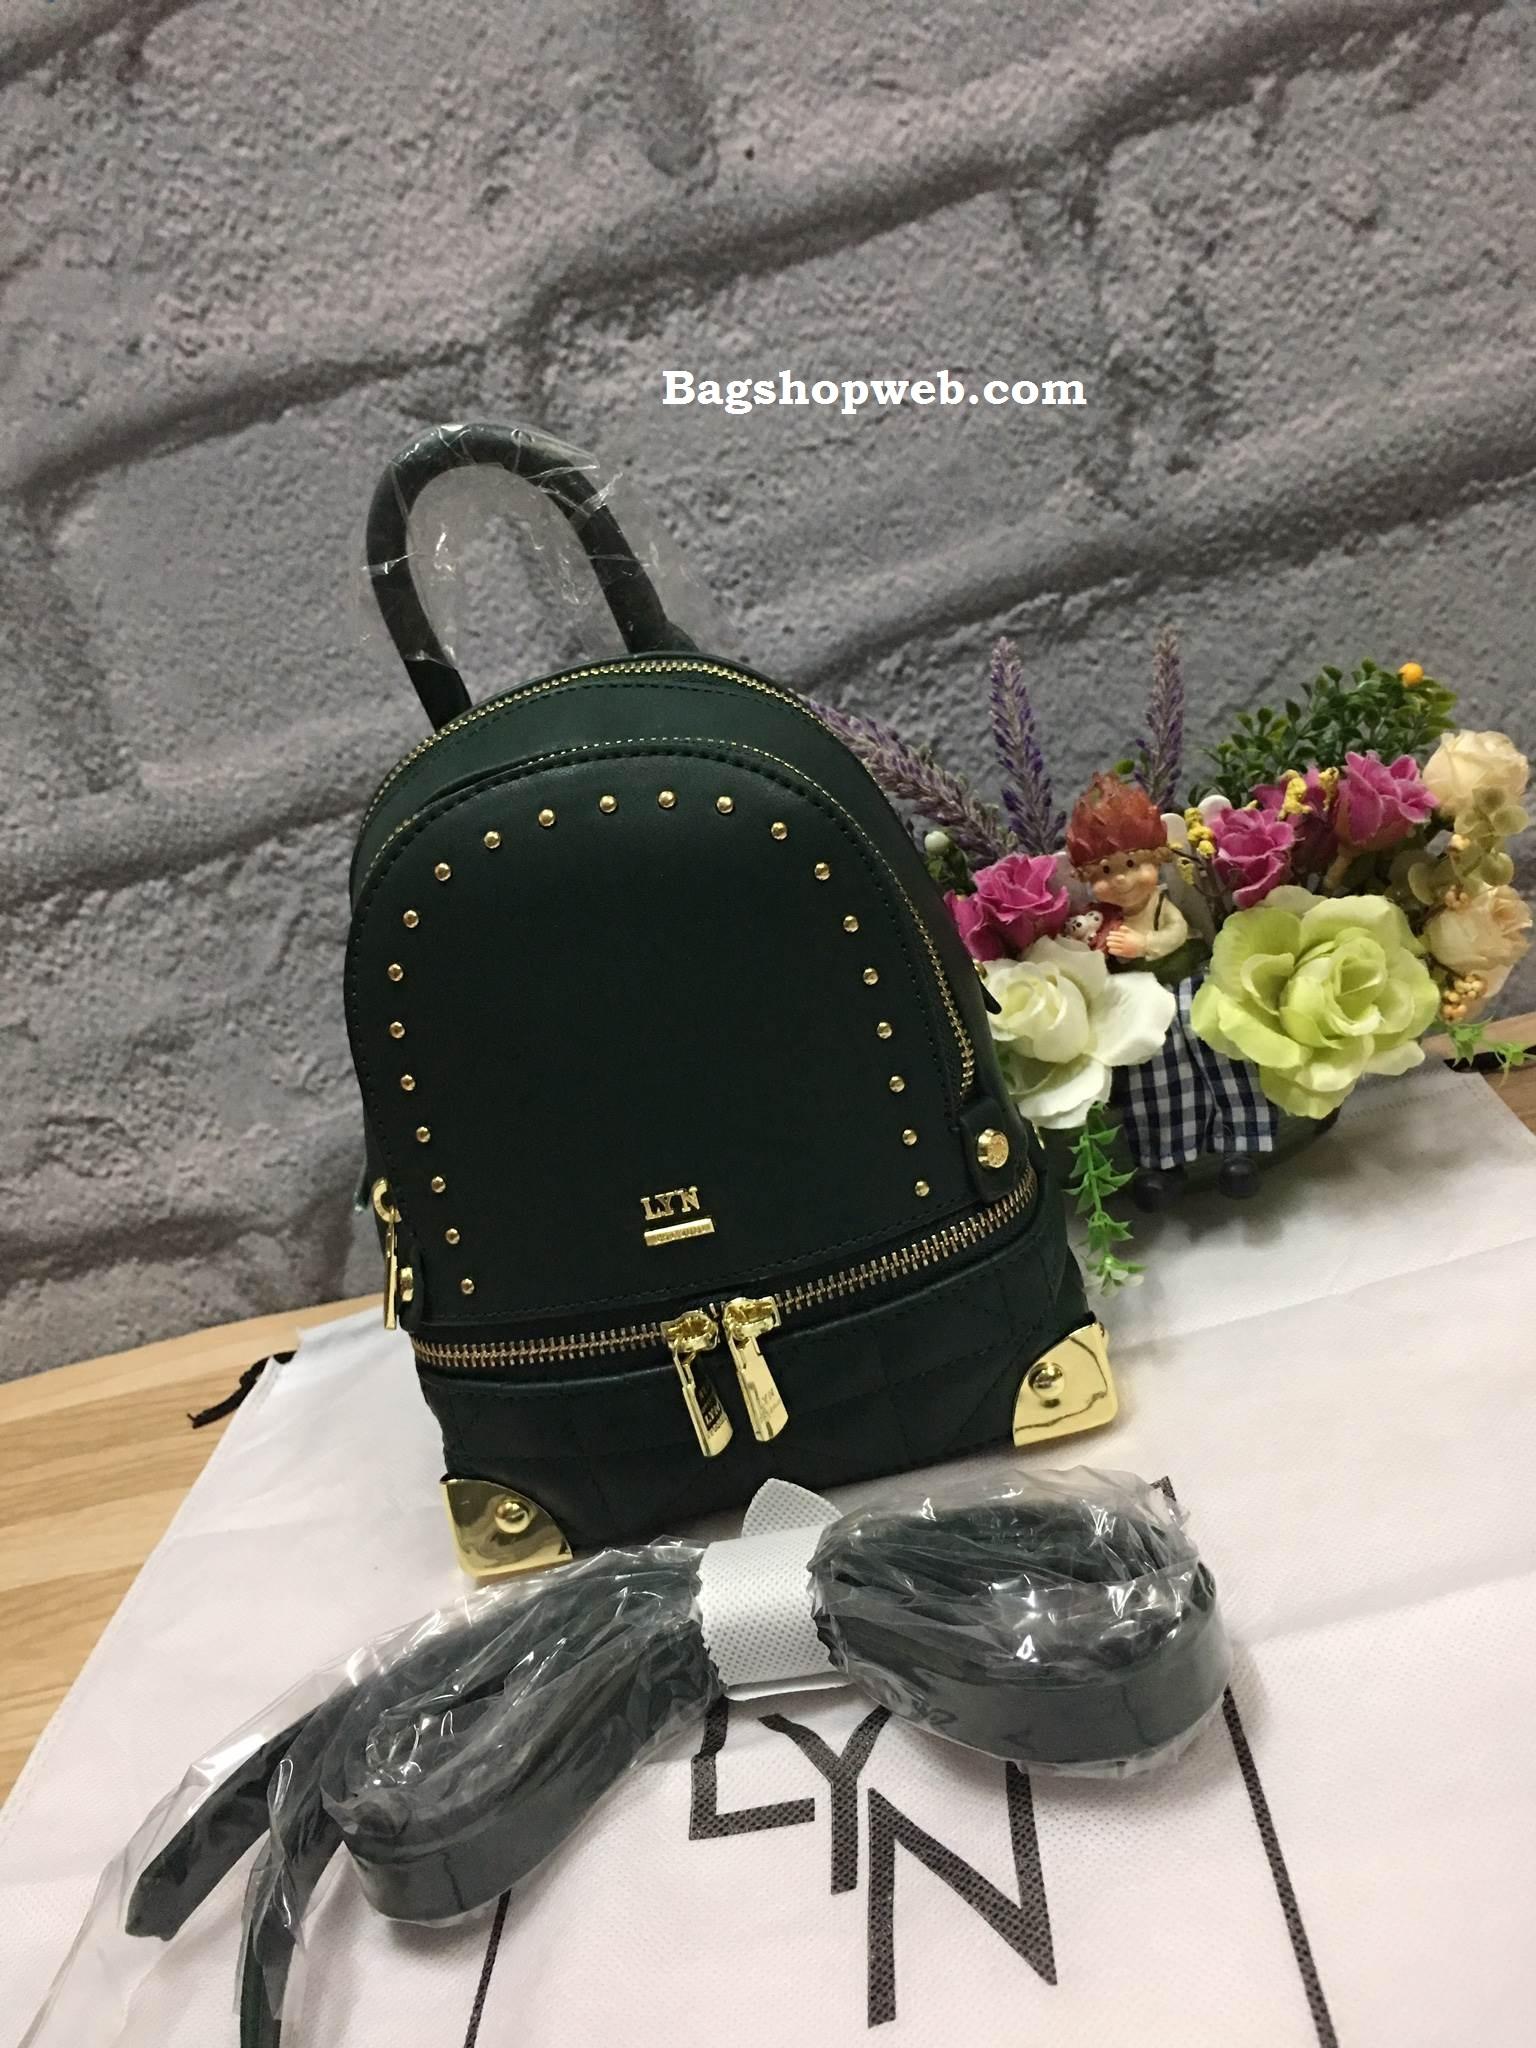 LYN EVITA BACKPACK 2017 รุ่นใหม่ชนช้อป กระเป๋าเป้ขนาดกะทัดรัด สีเขียว ราคา 1,490 บาท Free Ems